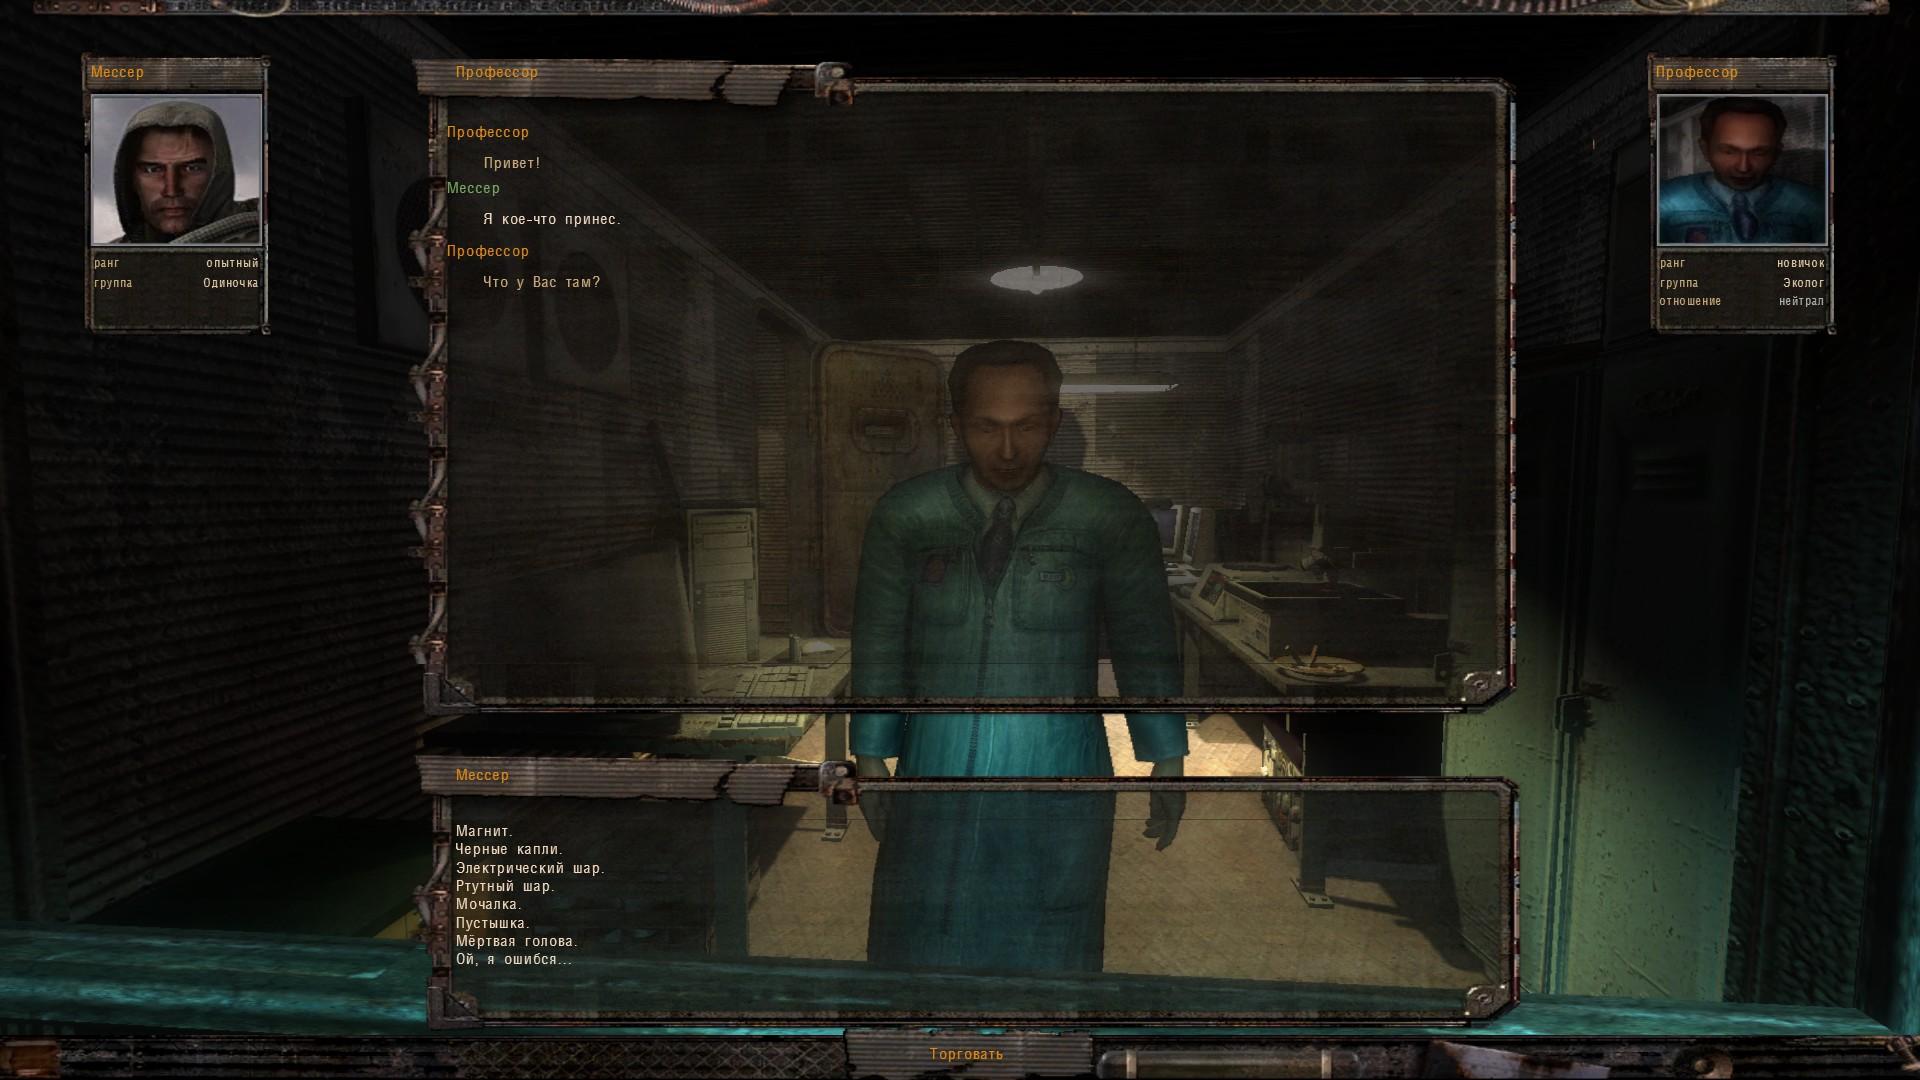 Oblivion Lost Remake 2.5 image 298